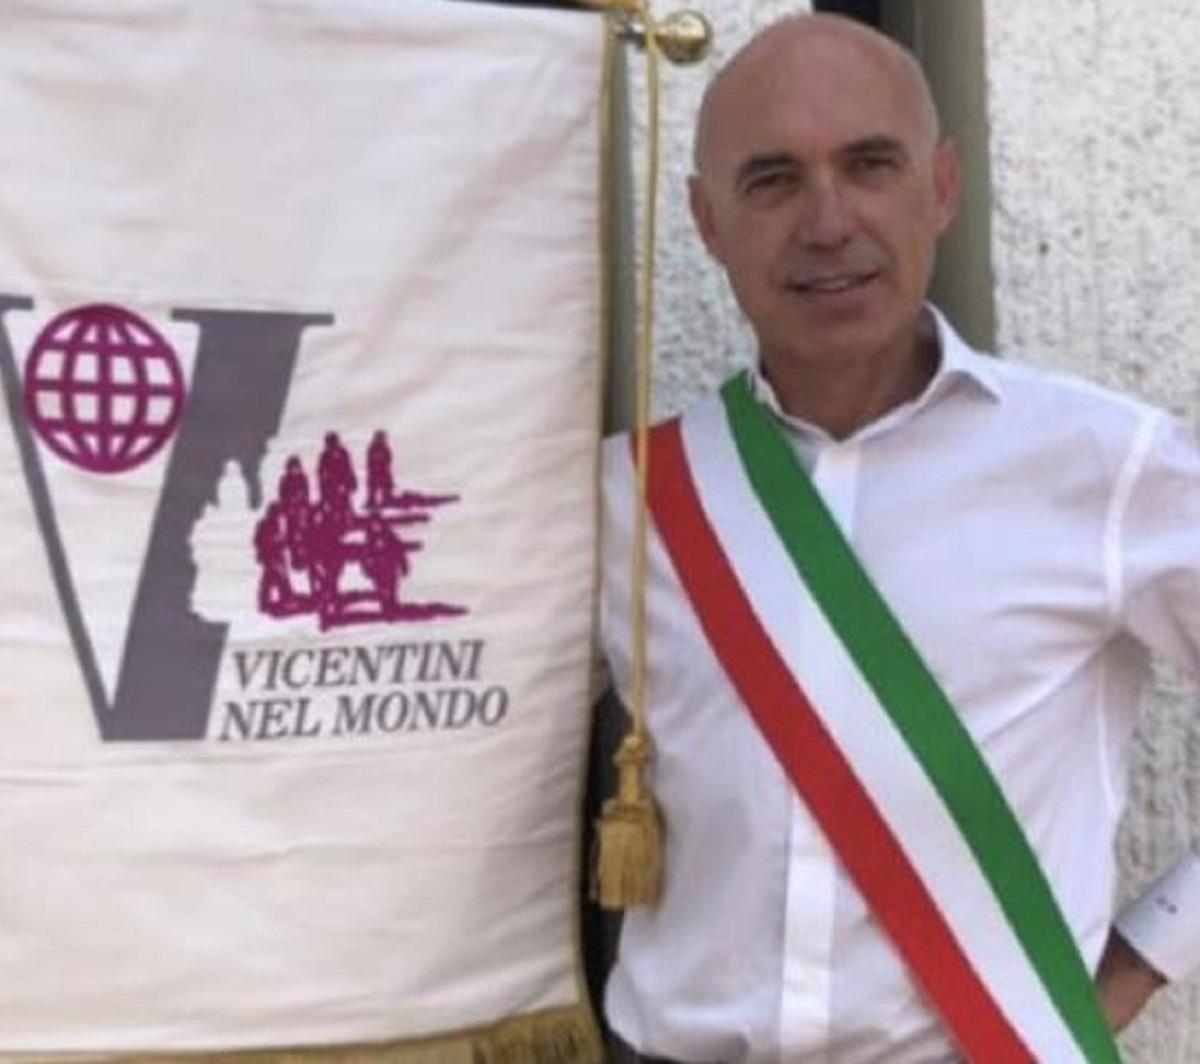 Rosignano marittimo Aldo Pellzzari sindaco Rotzo 52 anni morto malore spiaggia